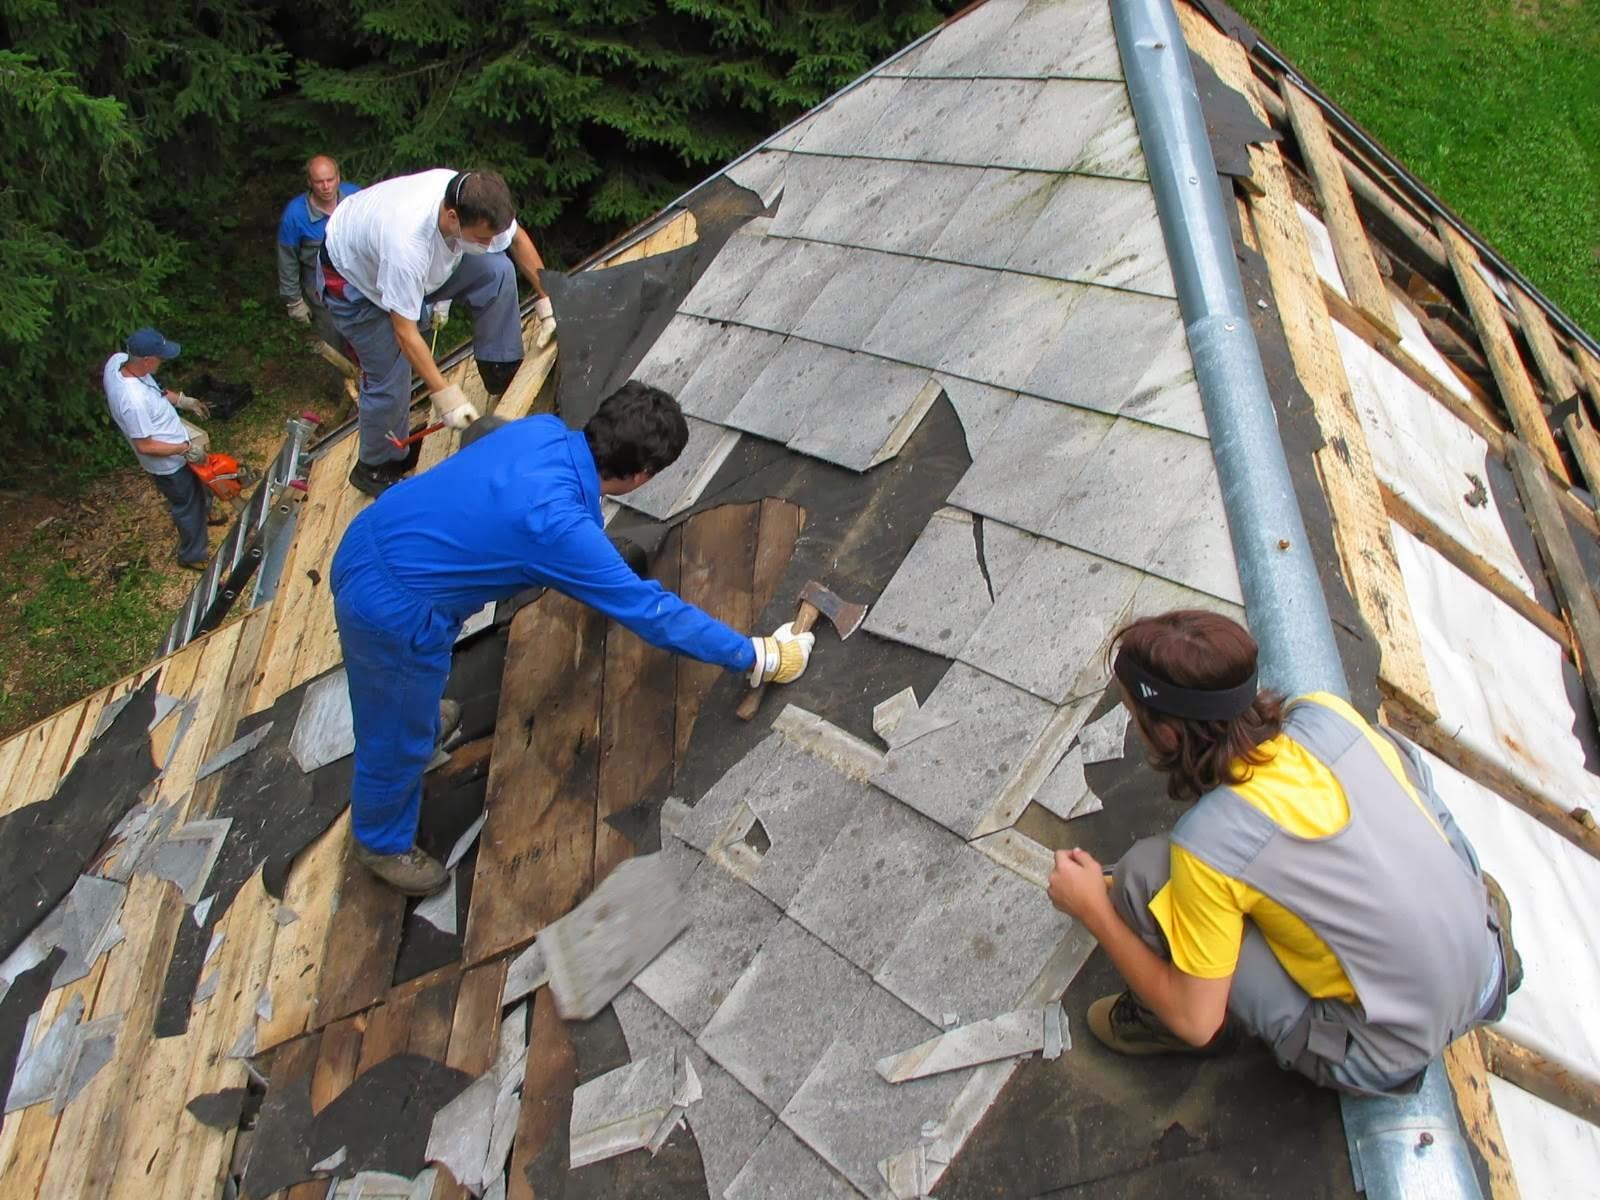 Delovna akcija - Streha, Črni dol 2006 - streha%2B051.jpg